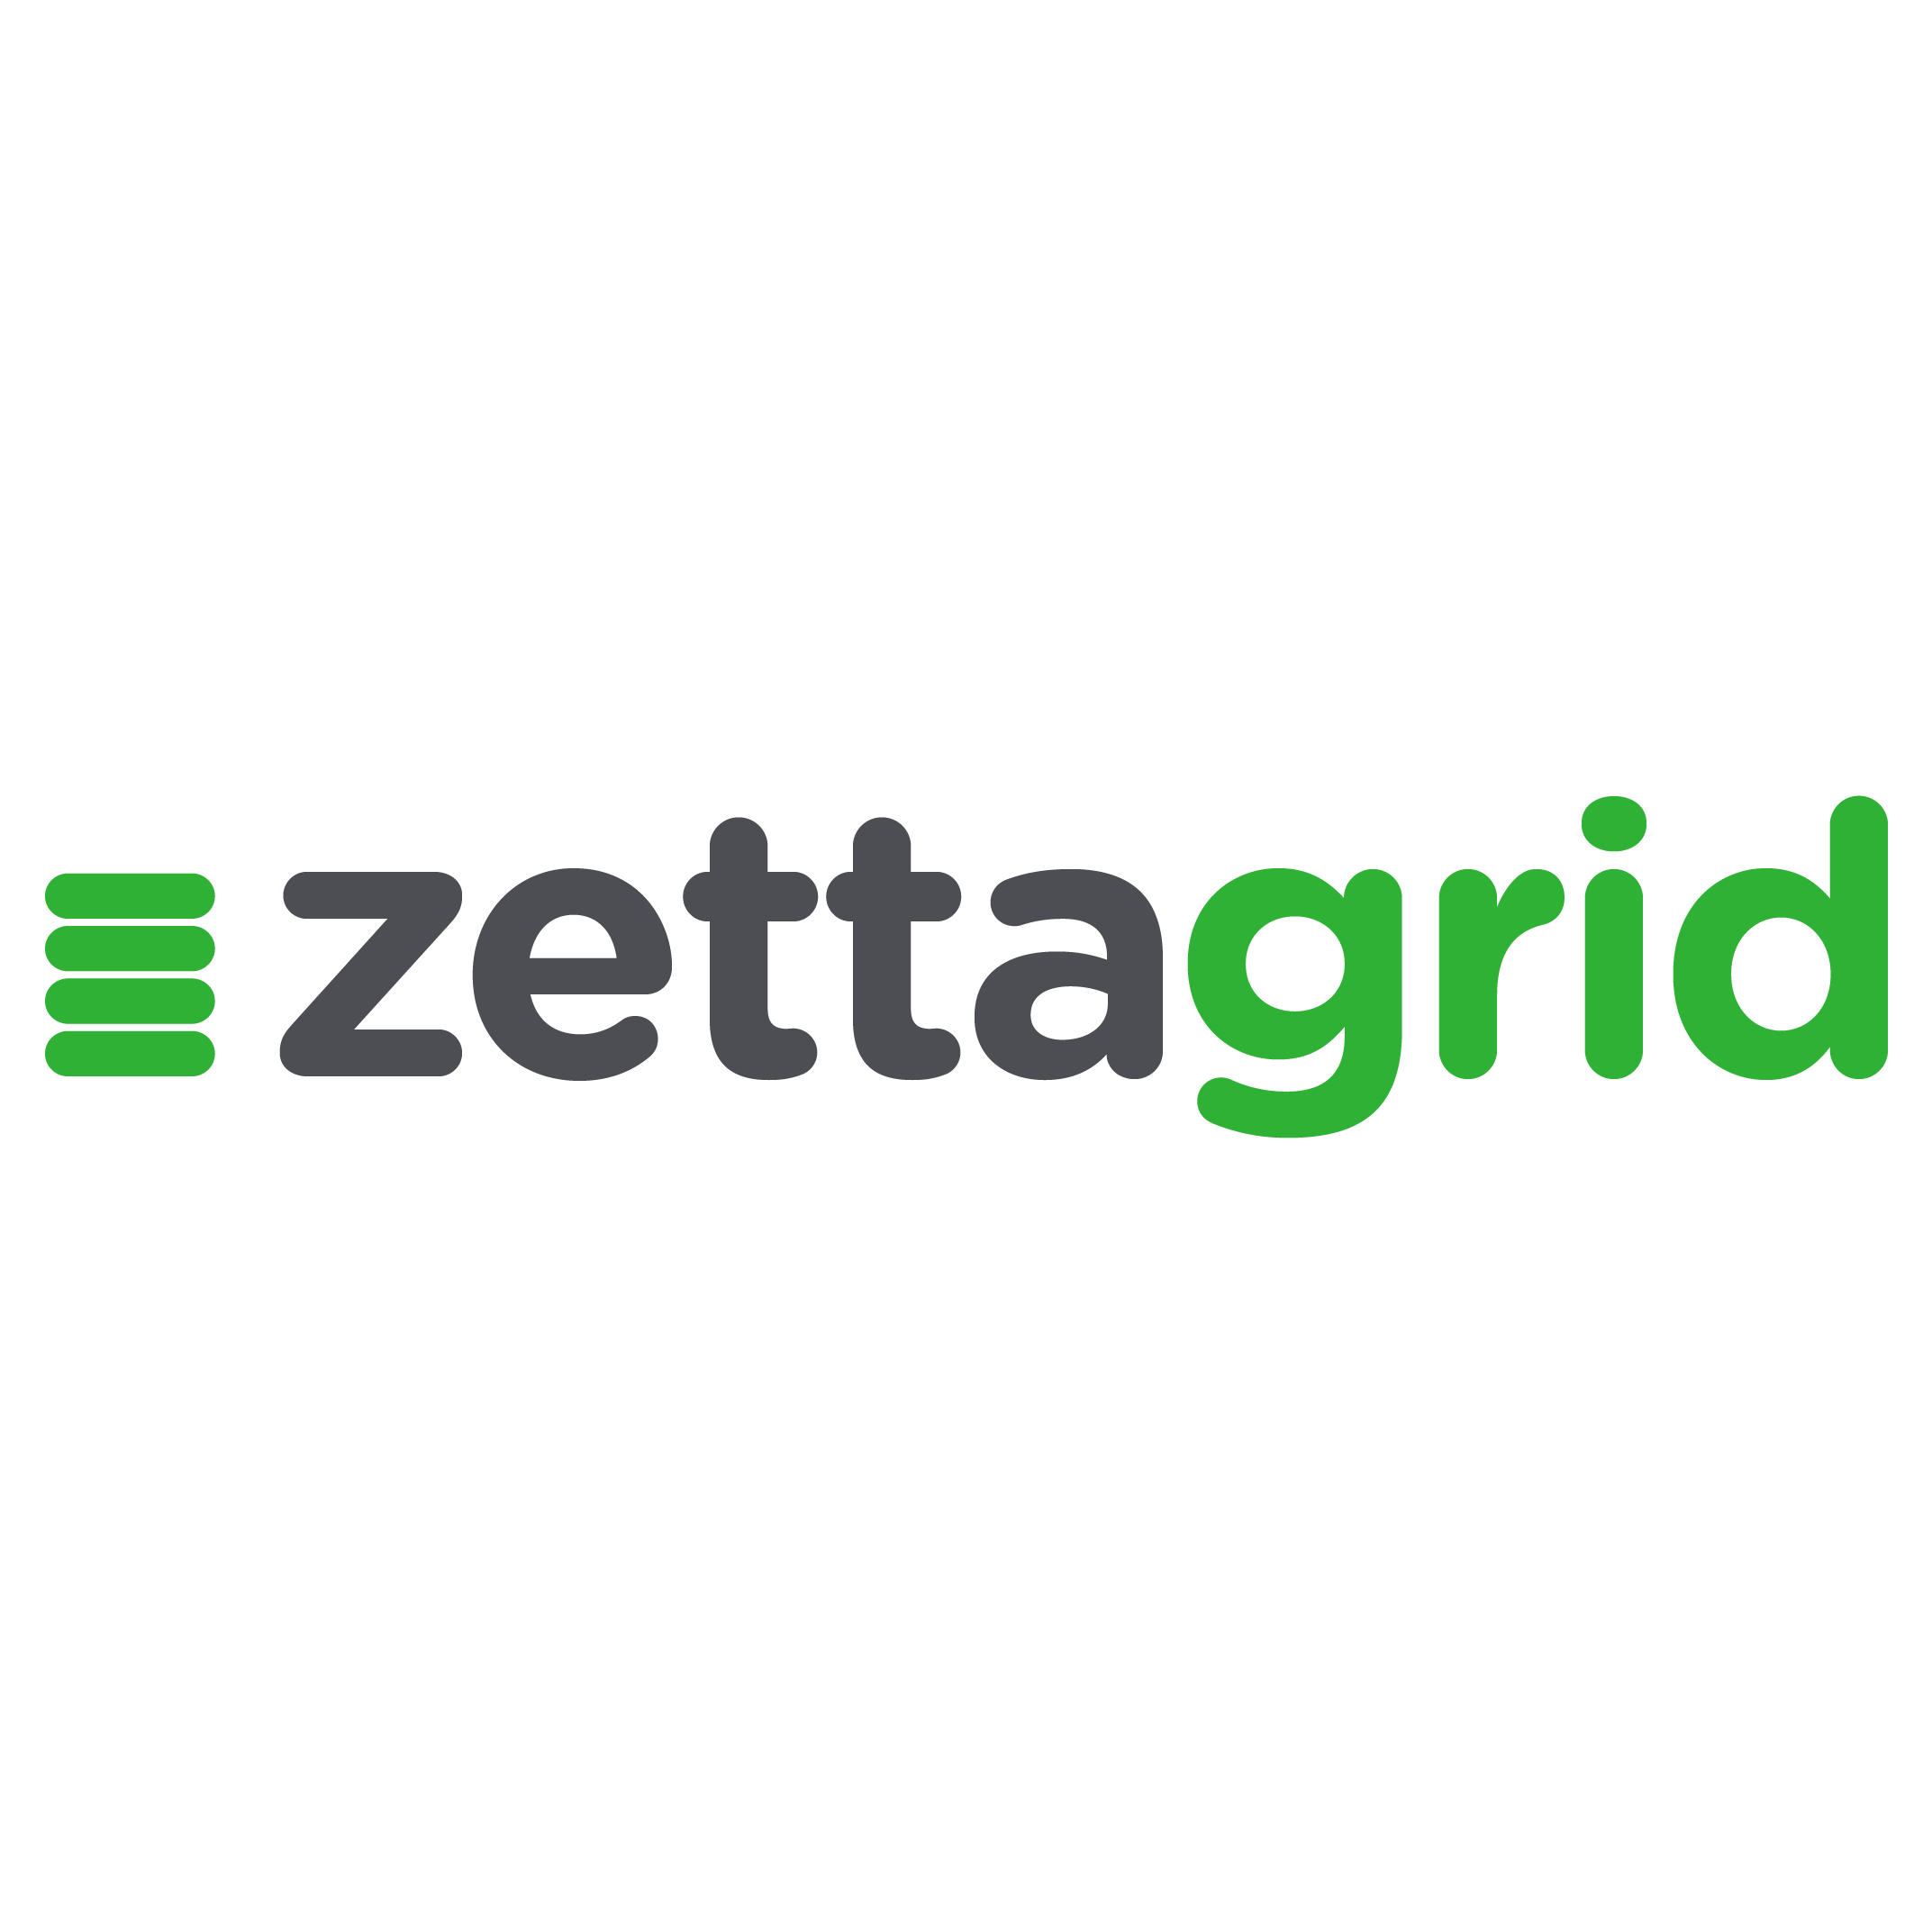 Zettagrid Indonesia company logo